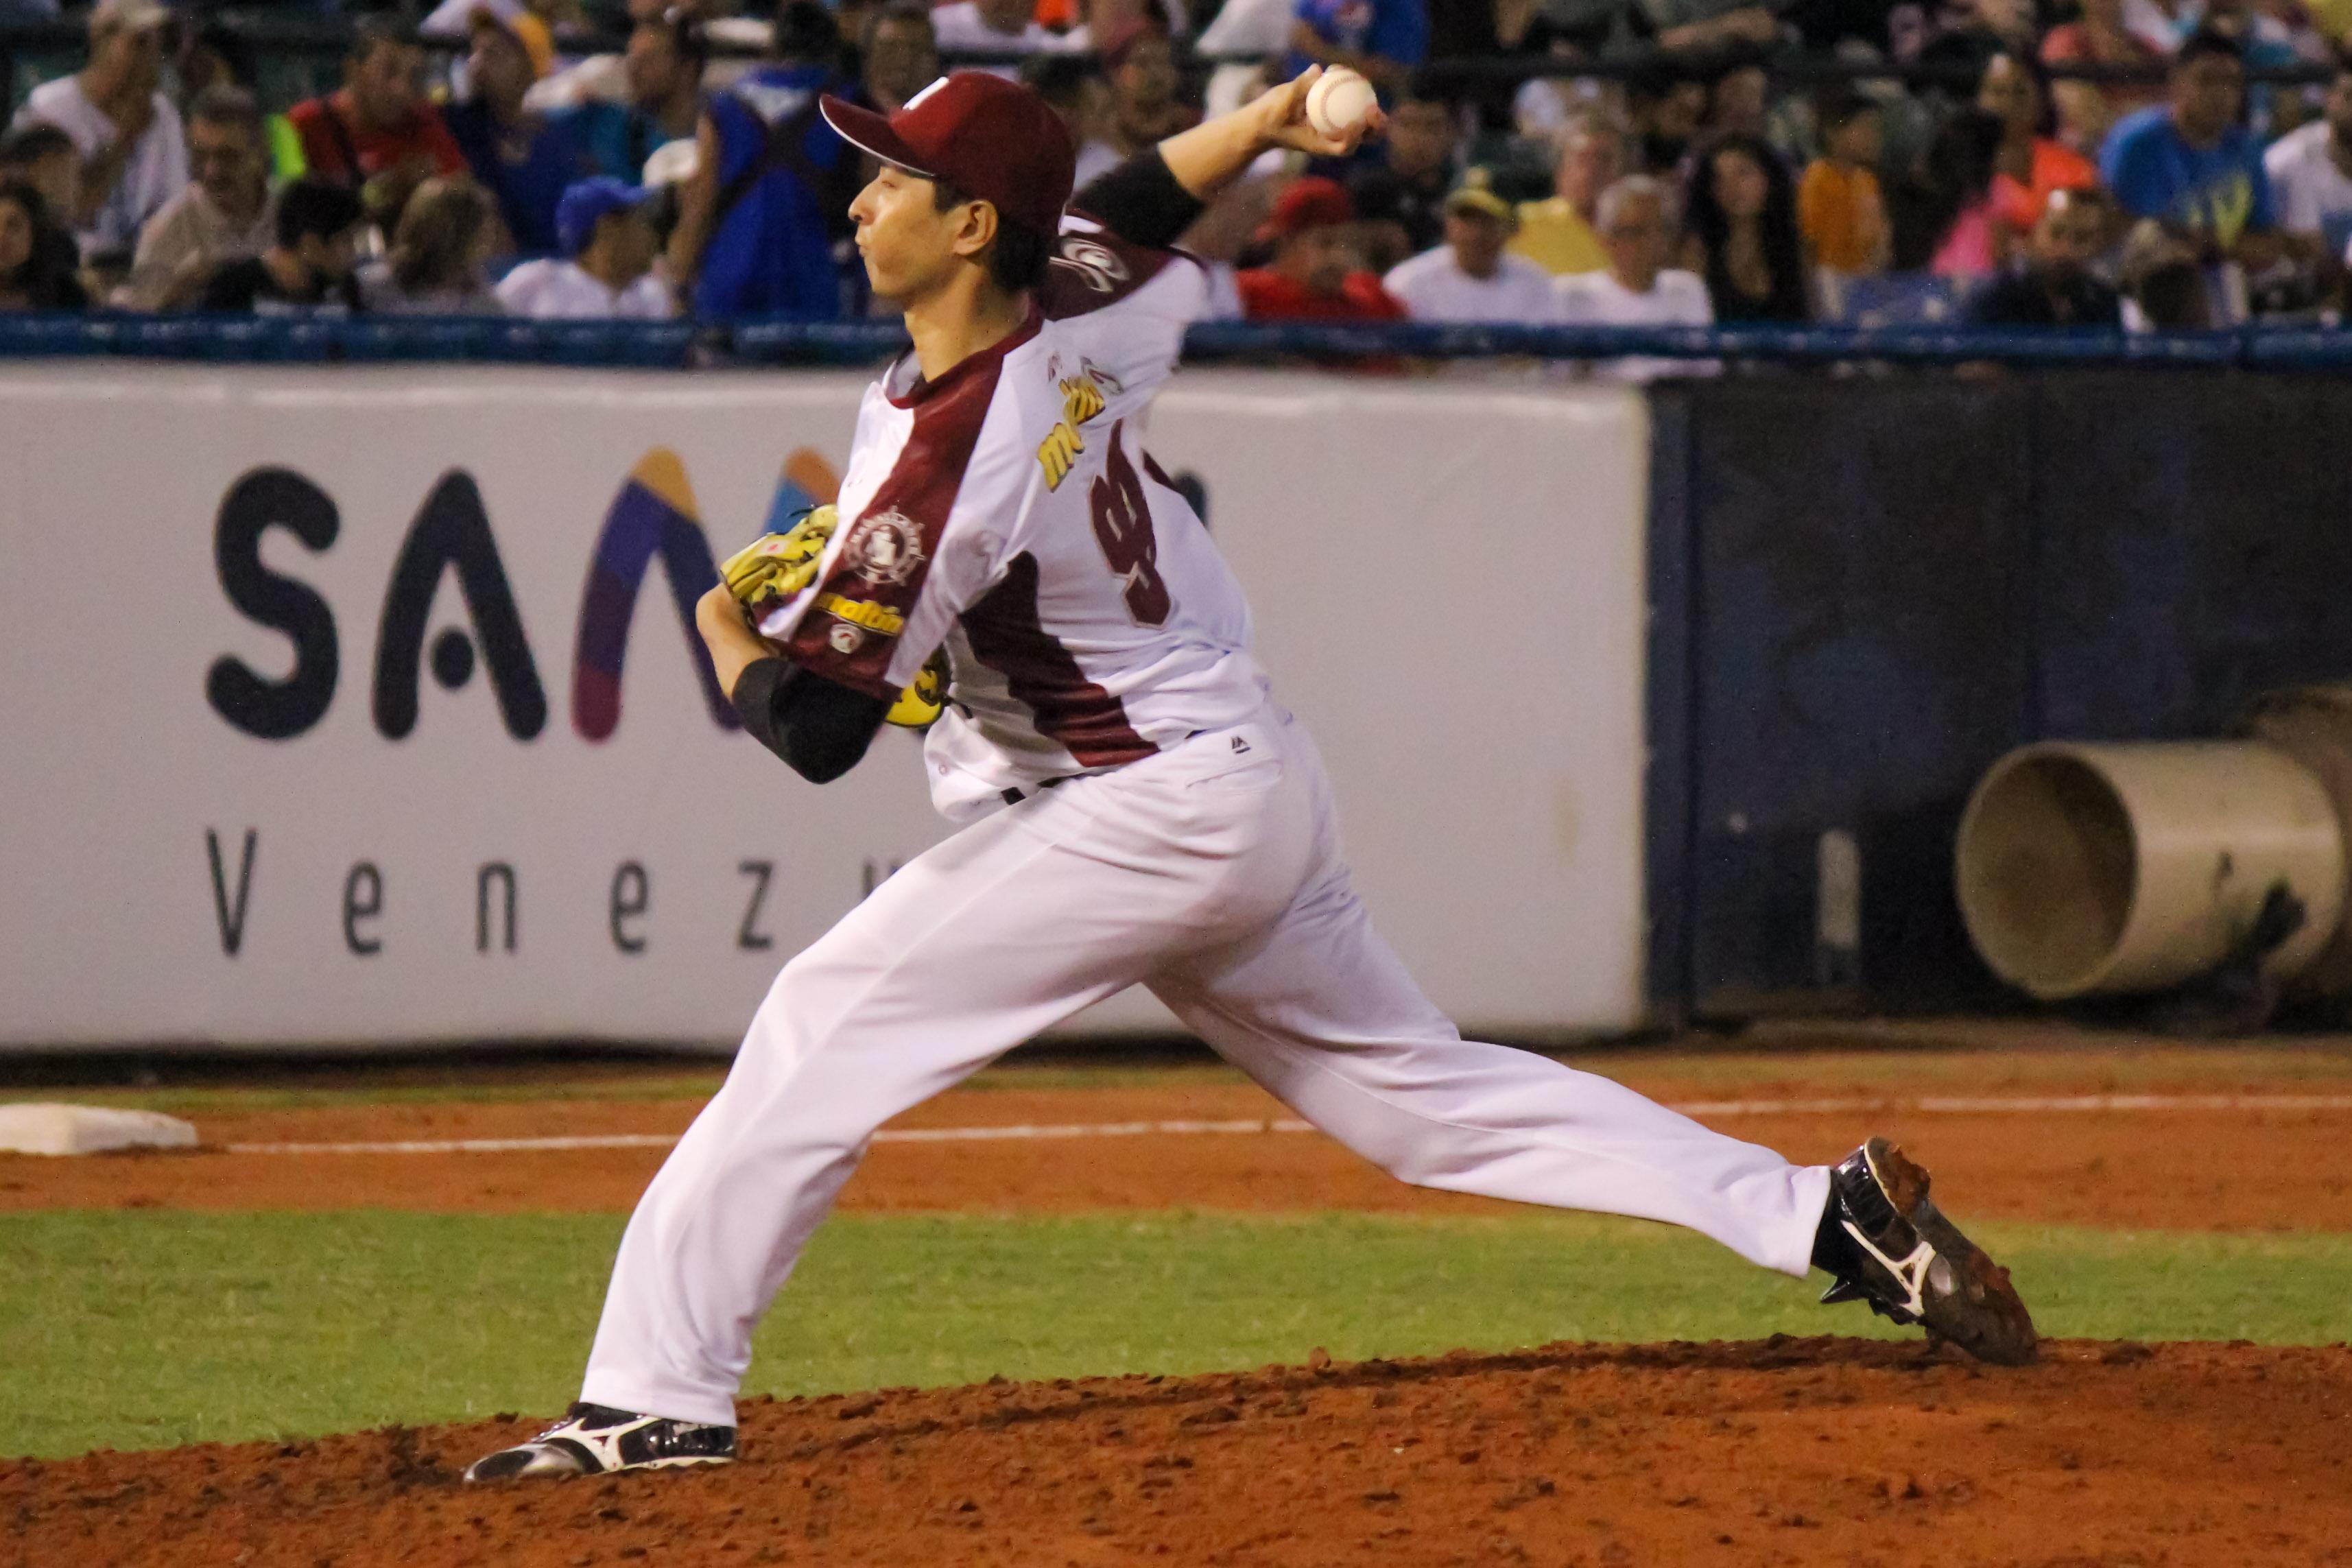 南米の野球選手輩出国ベネズエラ...